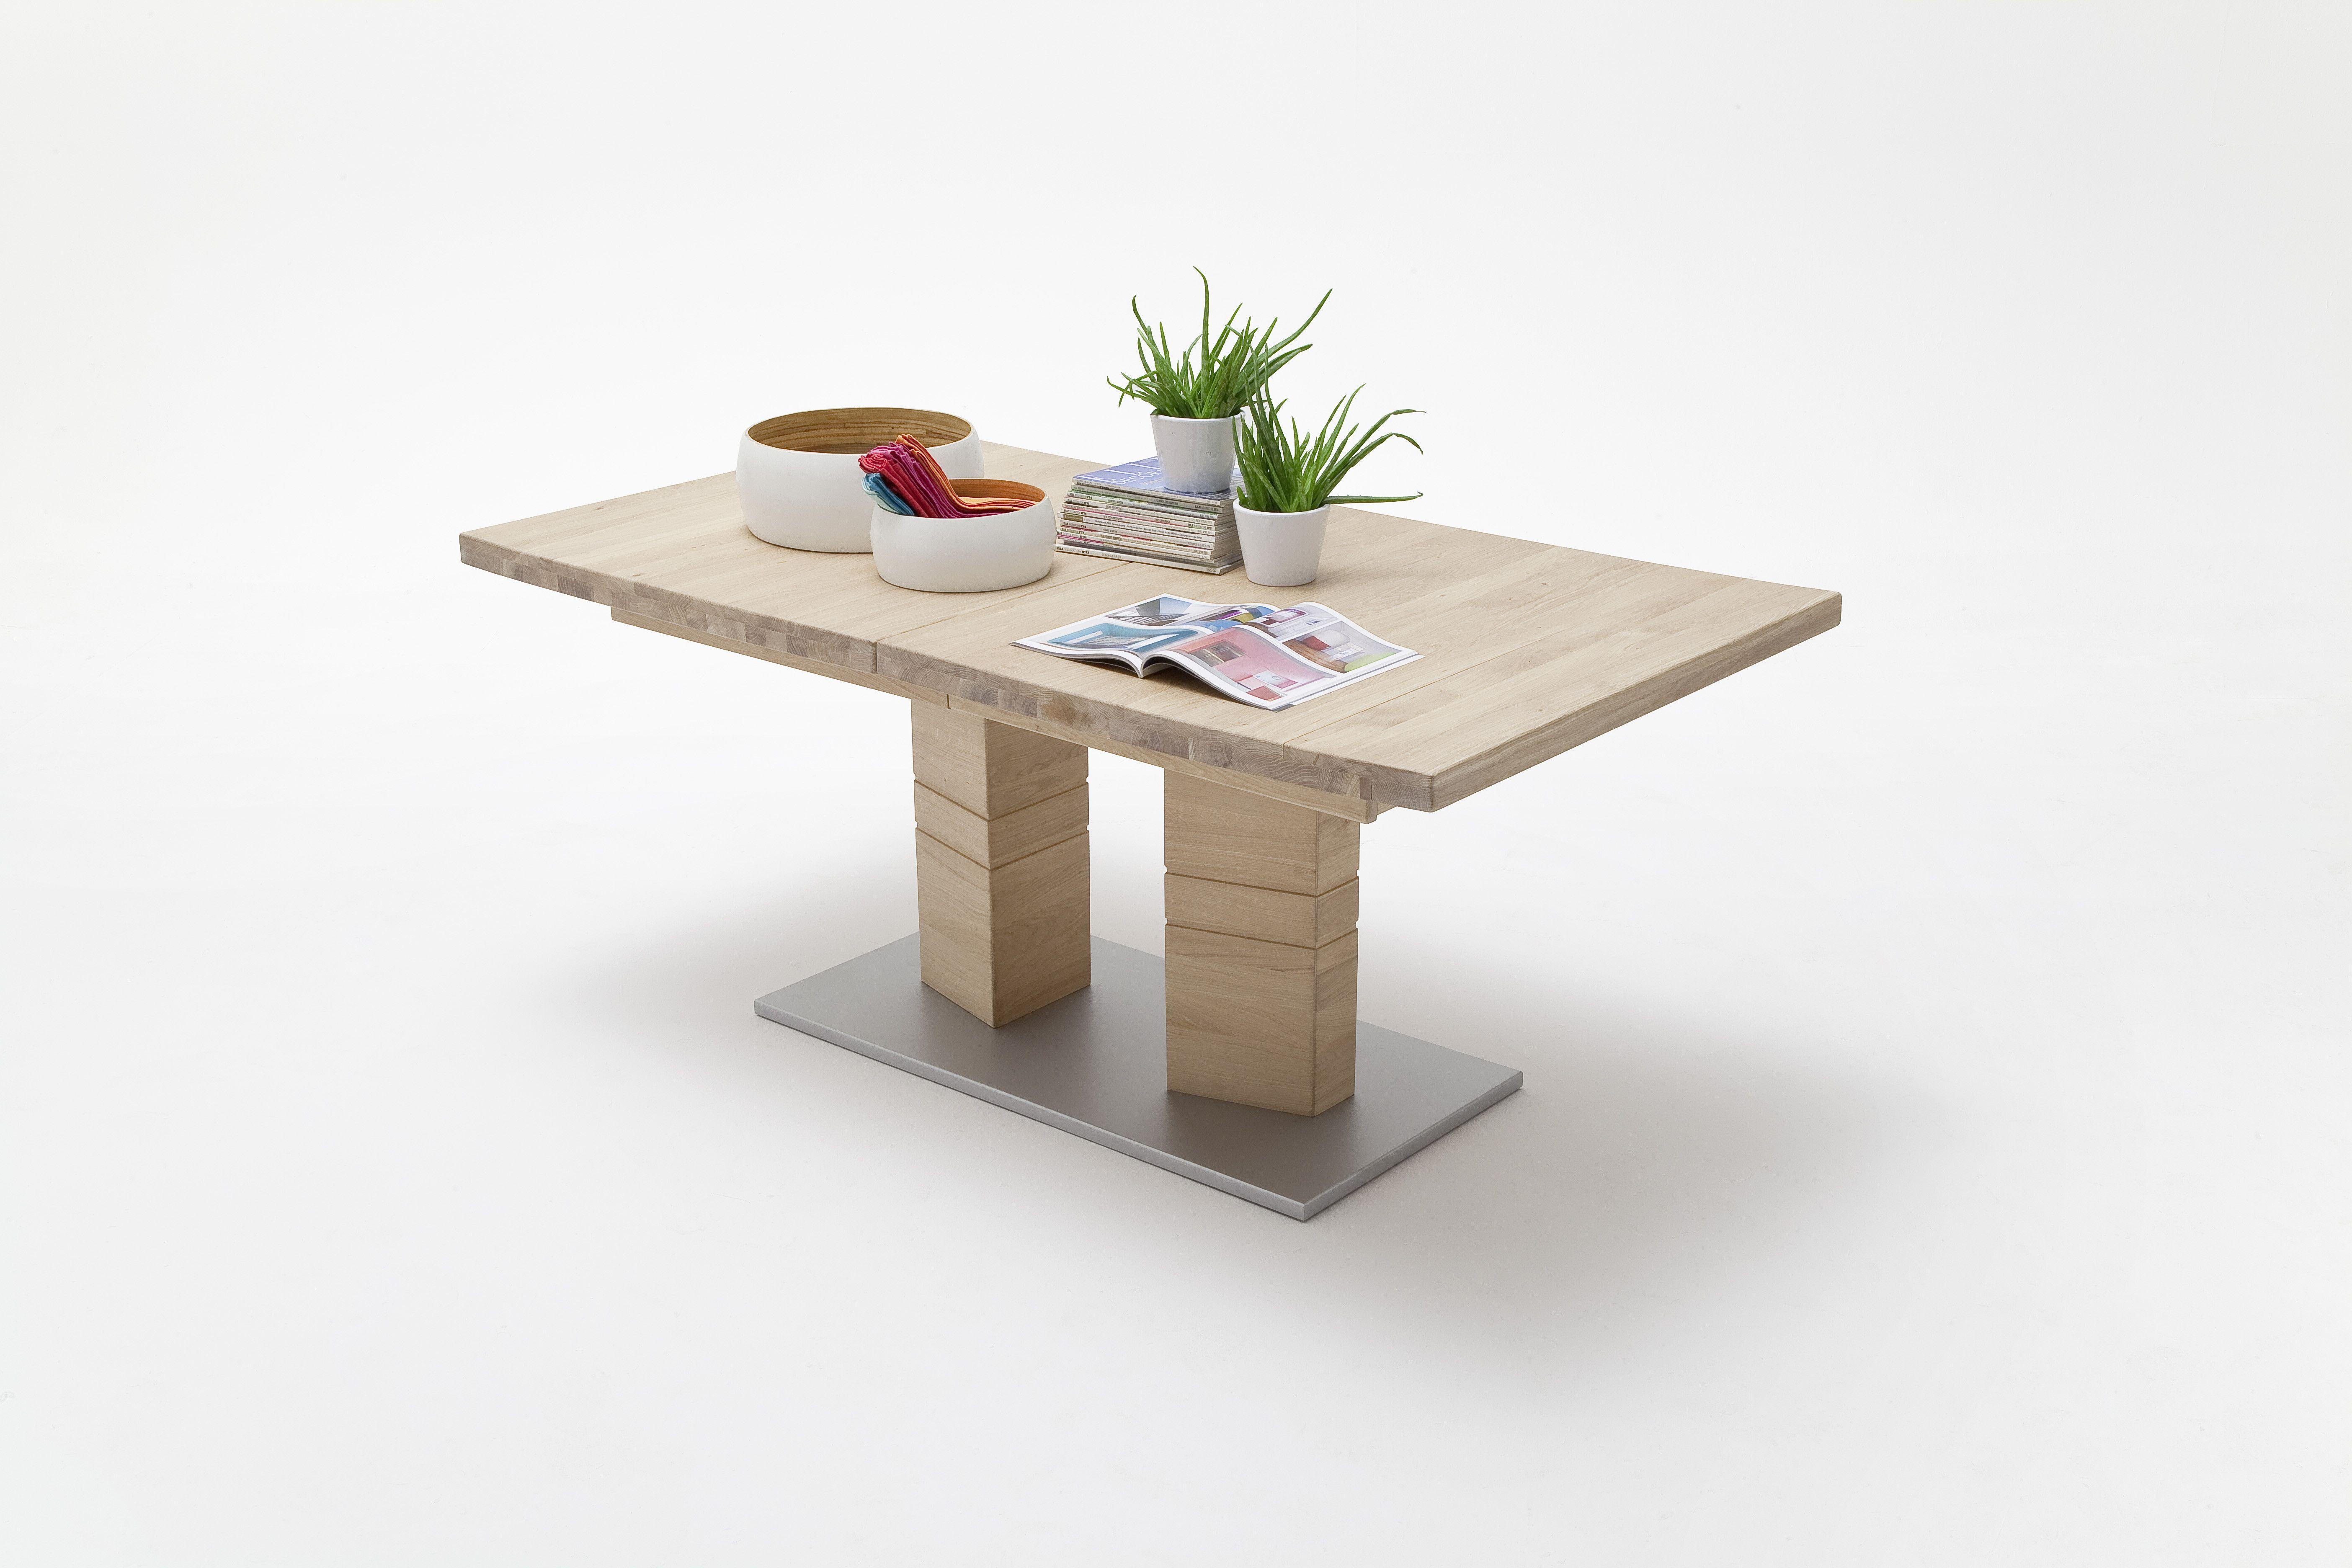 Esszimmer Tische Ausziehbar esstisch 180 x 100 cm eiche bianco massiv geölt ausziehbar auf 270